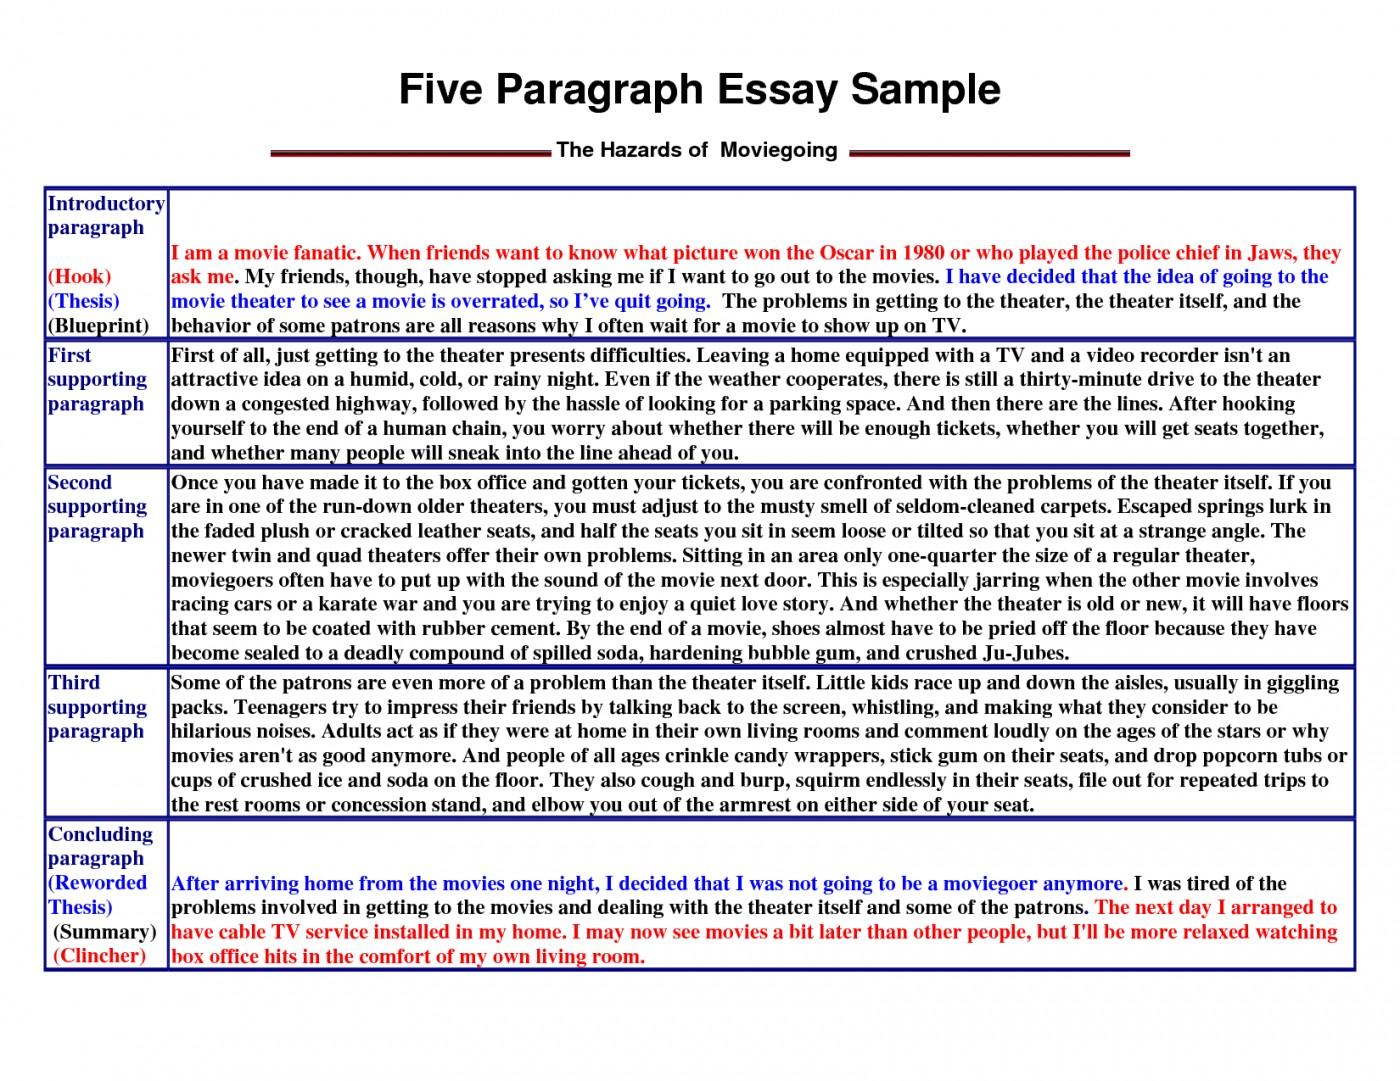 020 Paragraph Essay Outline Example Impressive 5 Five Template Pdf Argumentative 1400